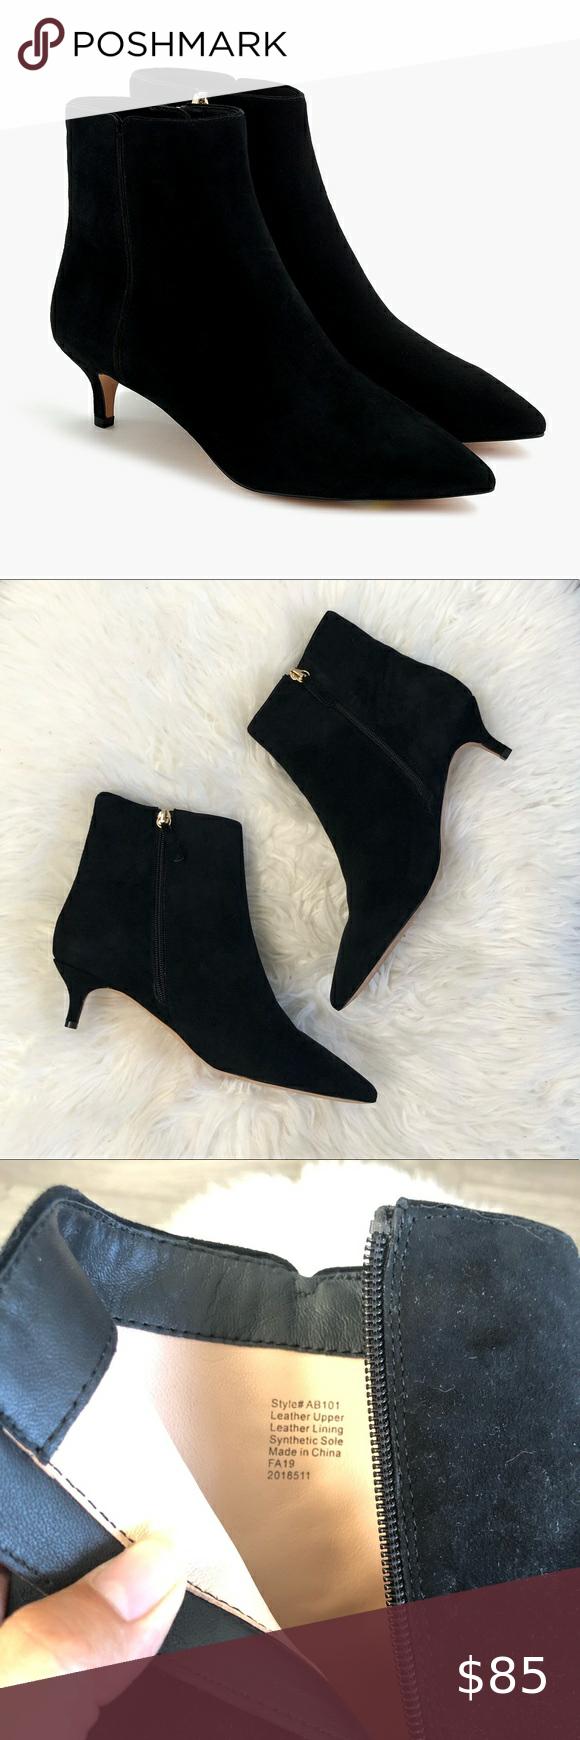 J Crew Fiona Kitten Heel Ankle Boots Suede Sz 8 5 In 2020 Kitten Heel Ankle Boots Heeled Ankle Boots Boots